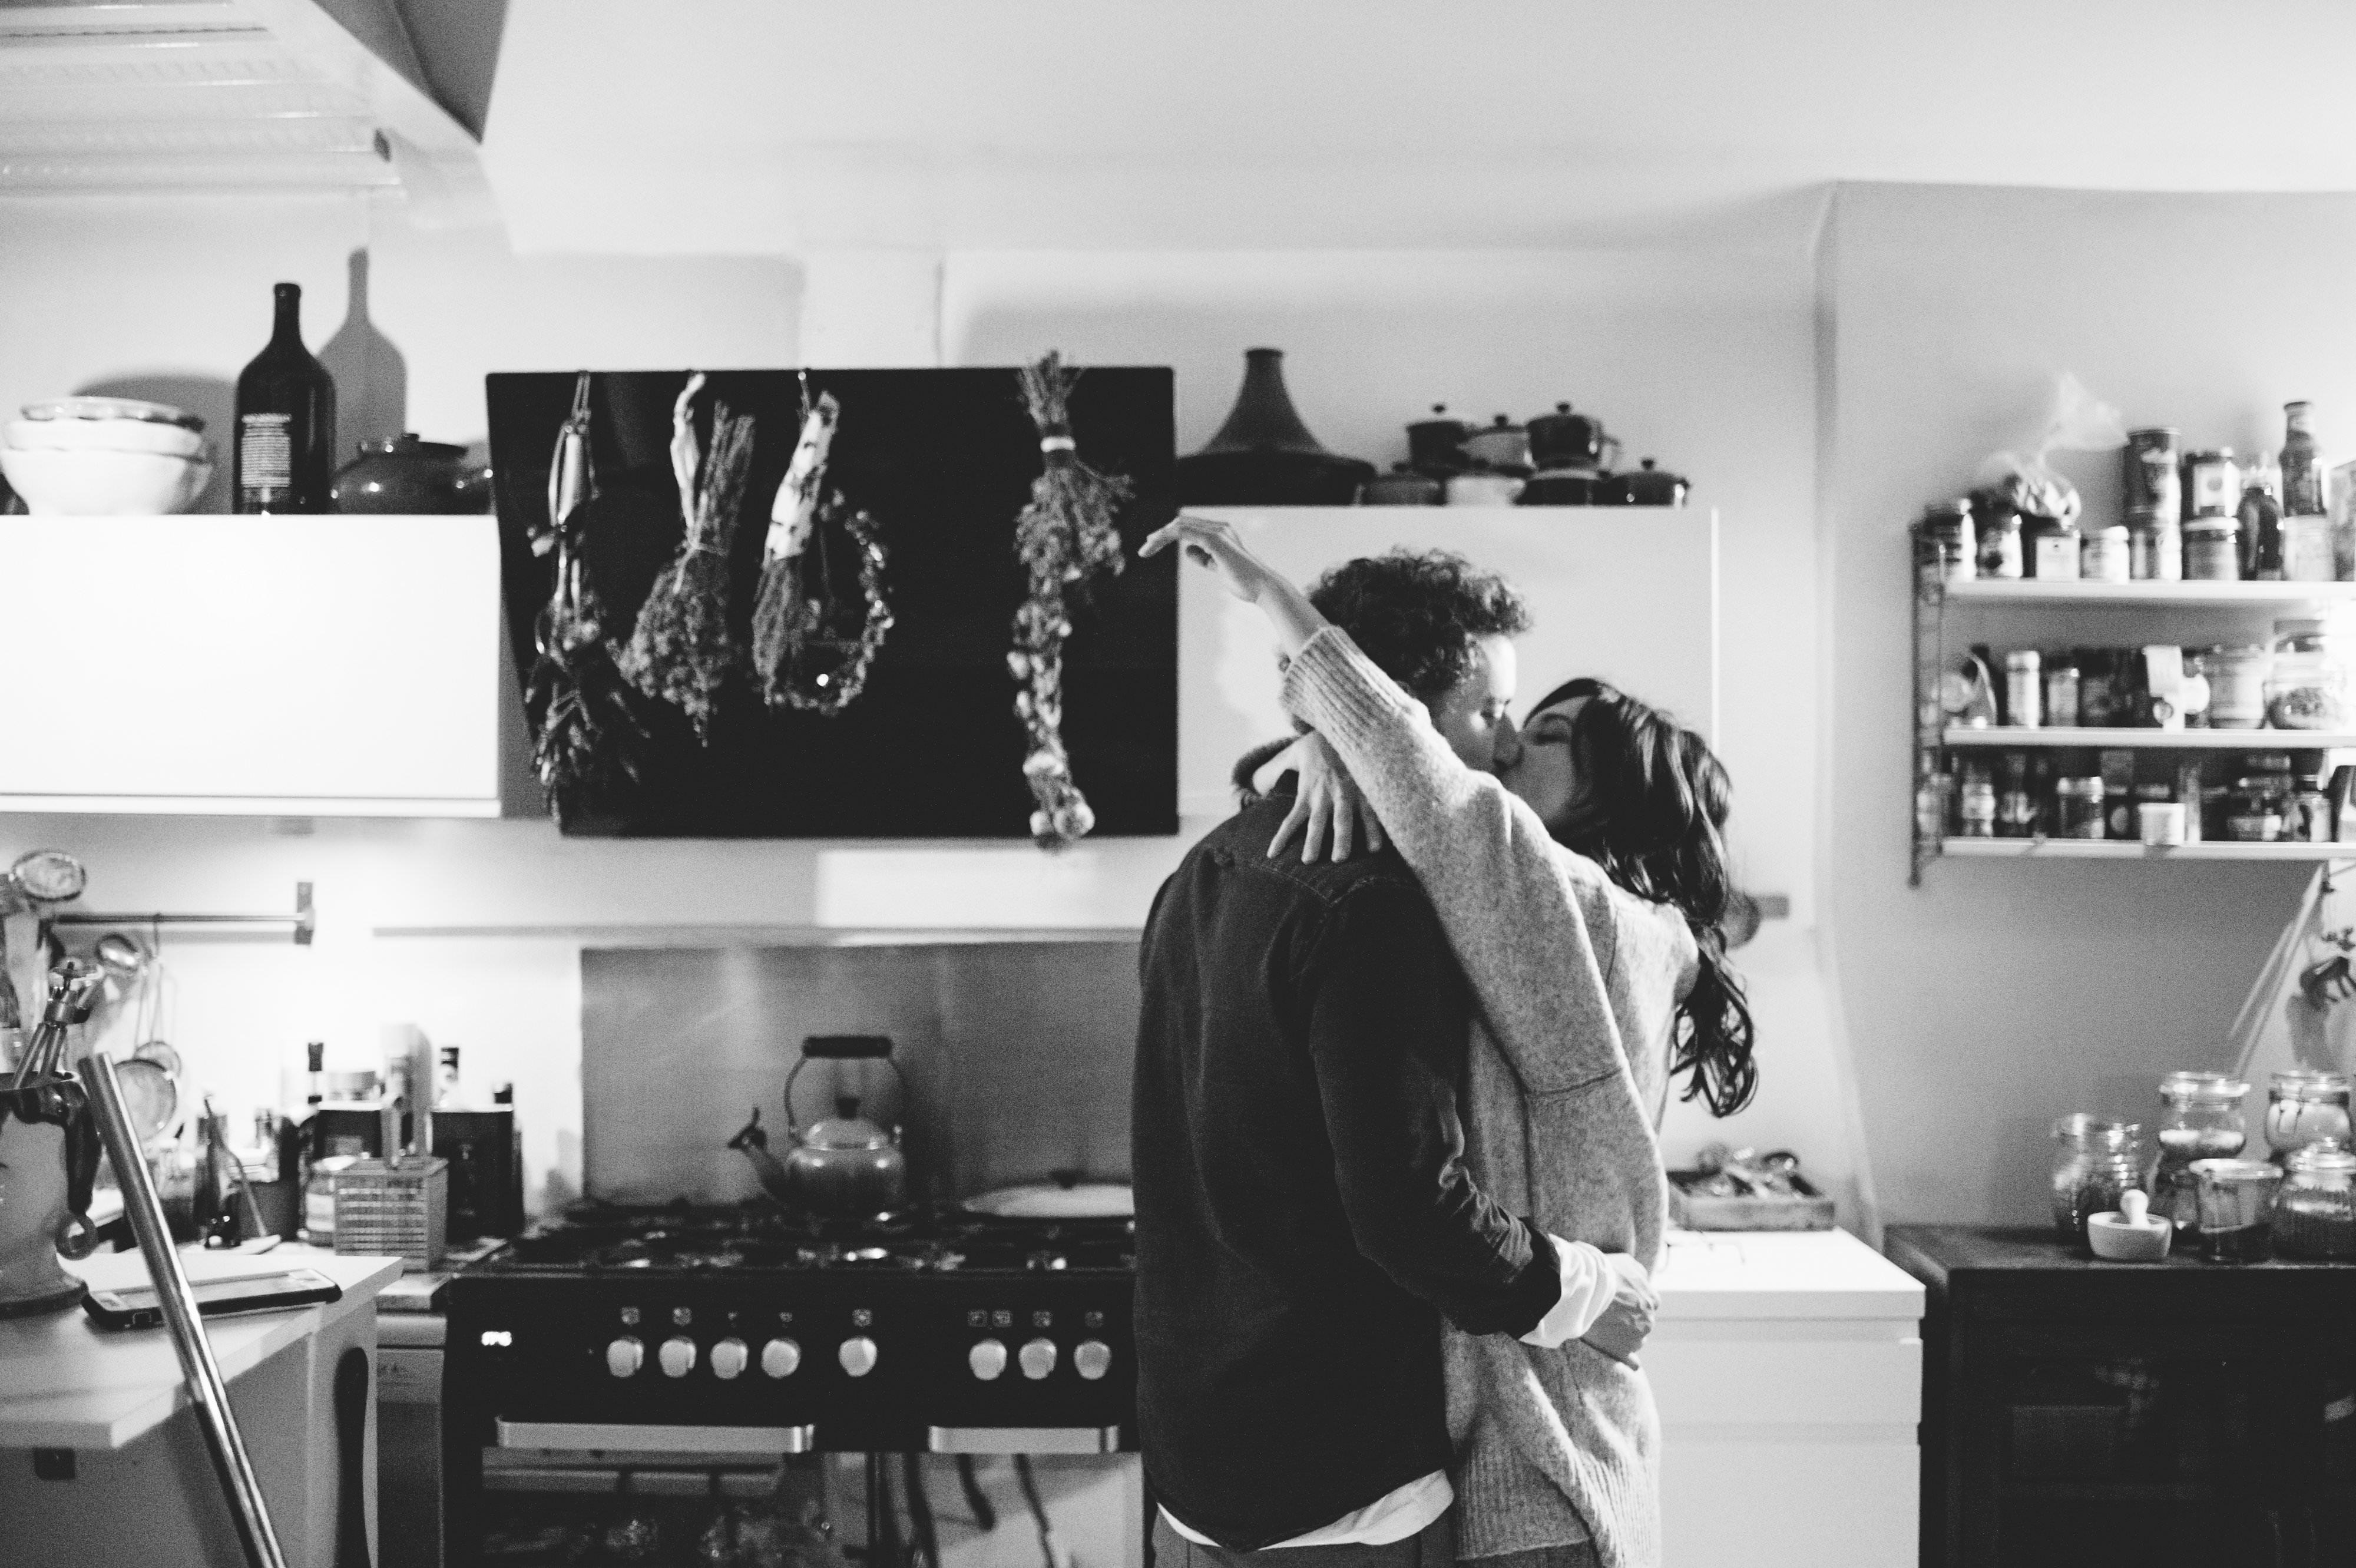 Sopravvivere alla quotidianità | A Gipsy in the Kitchen